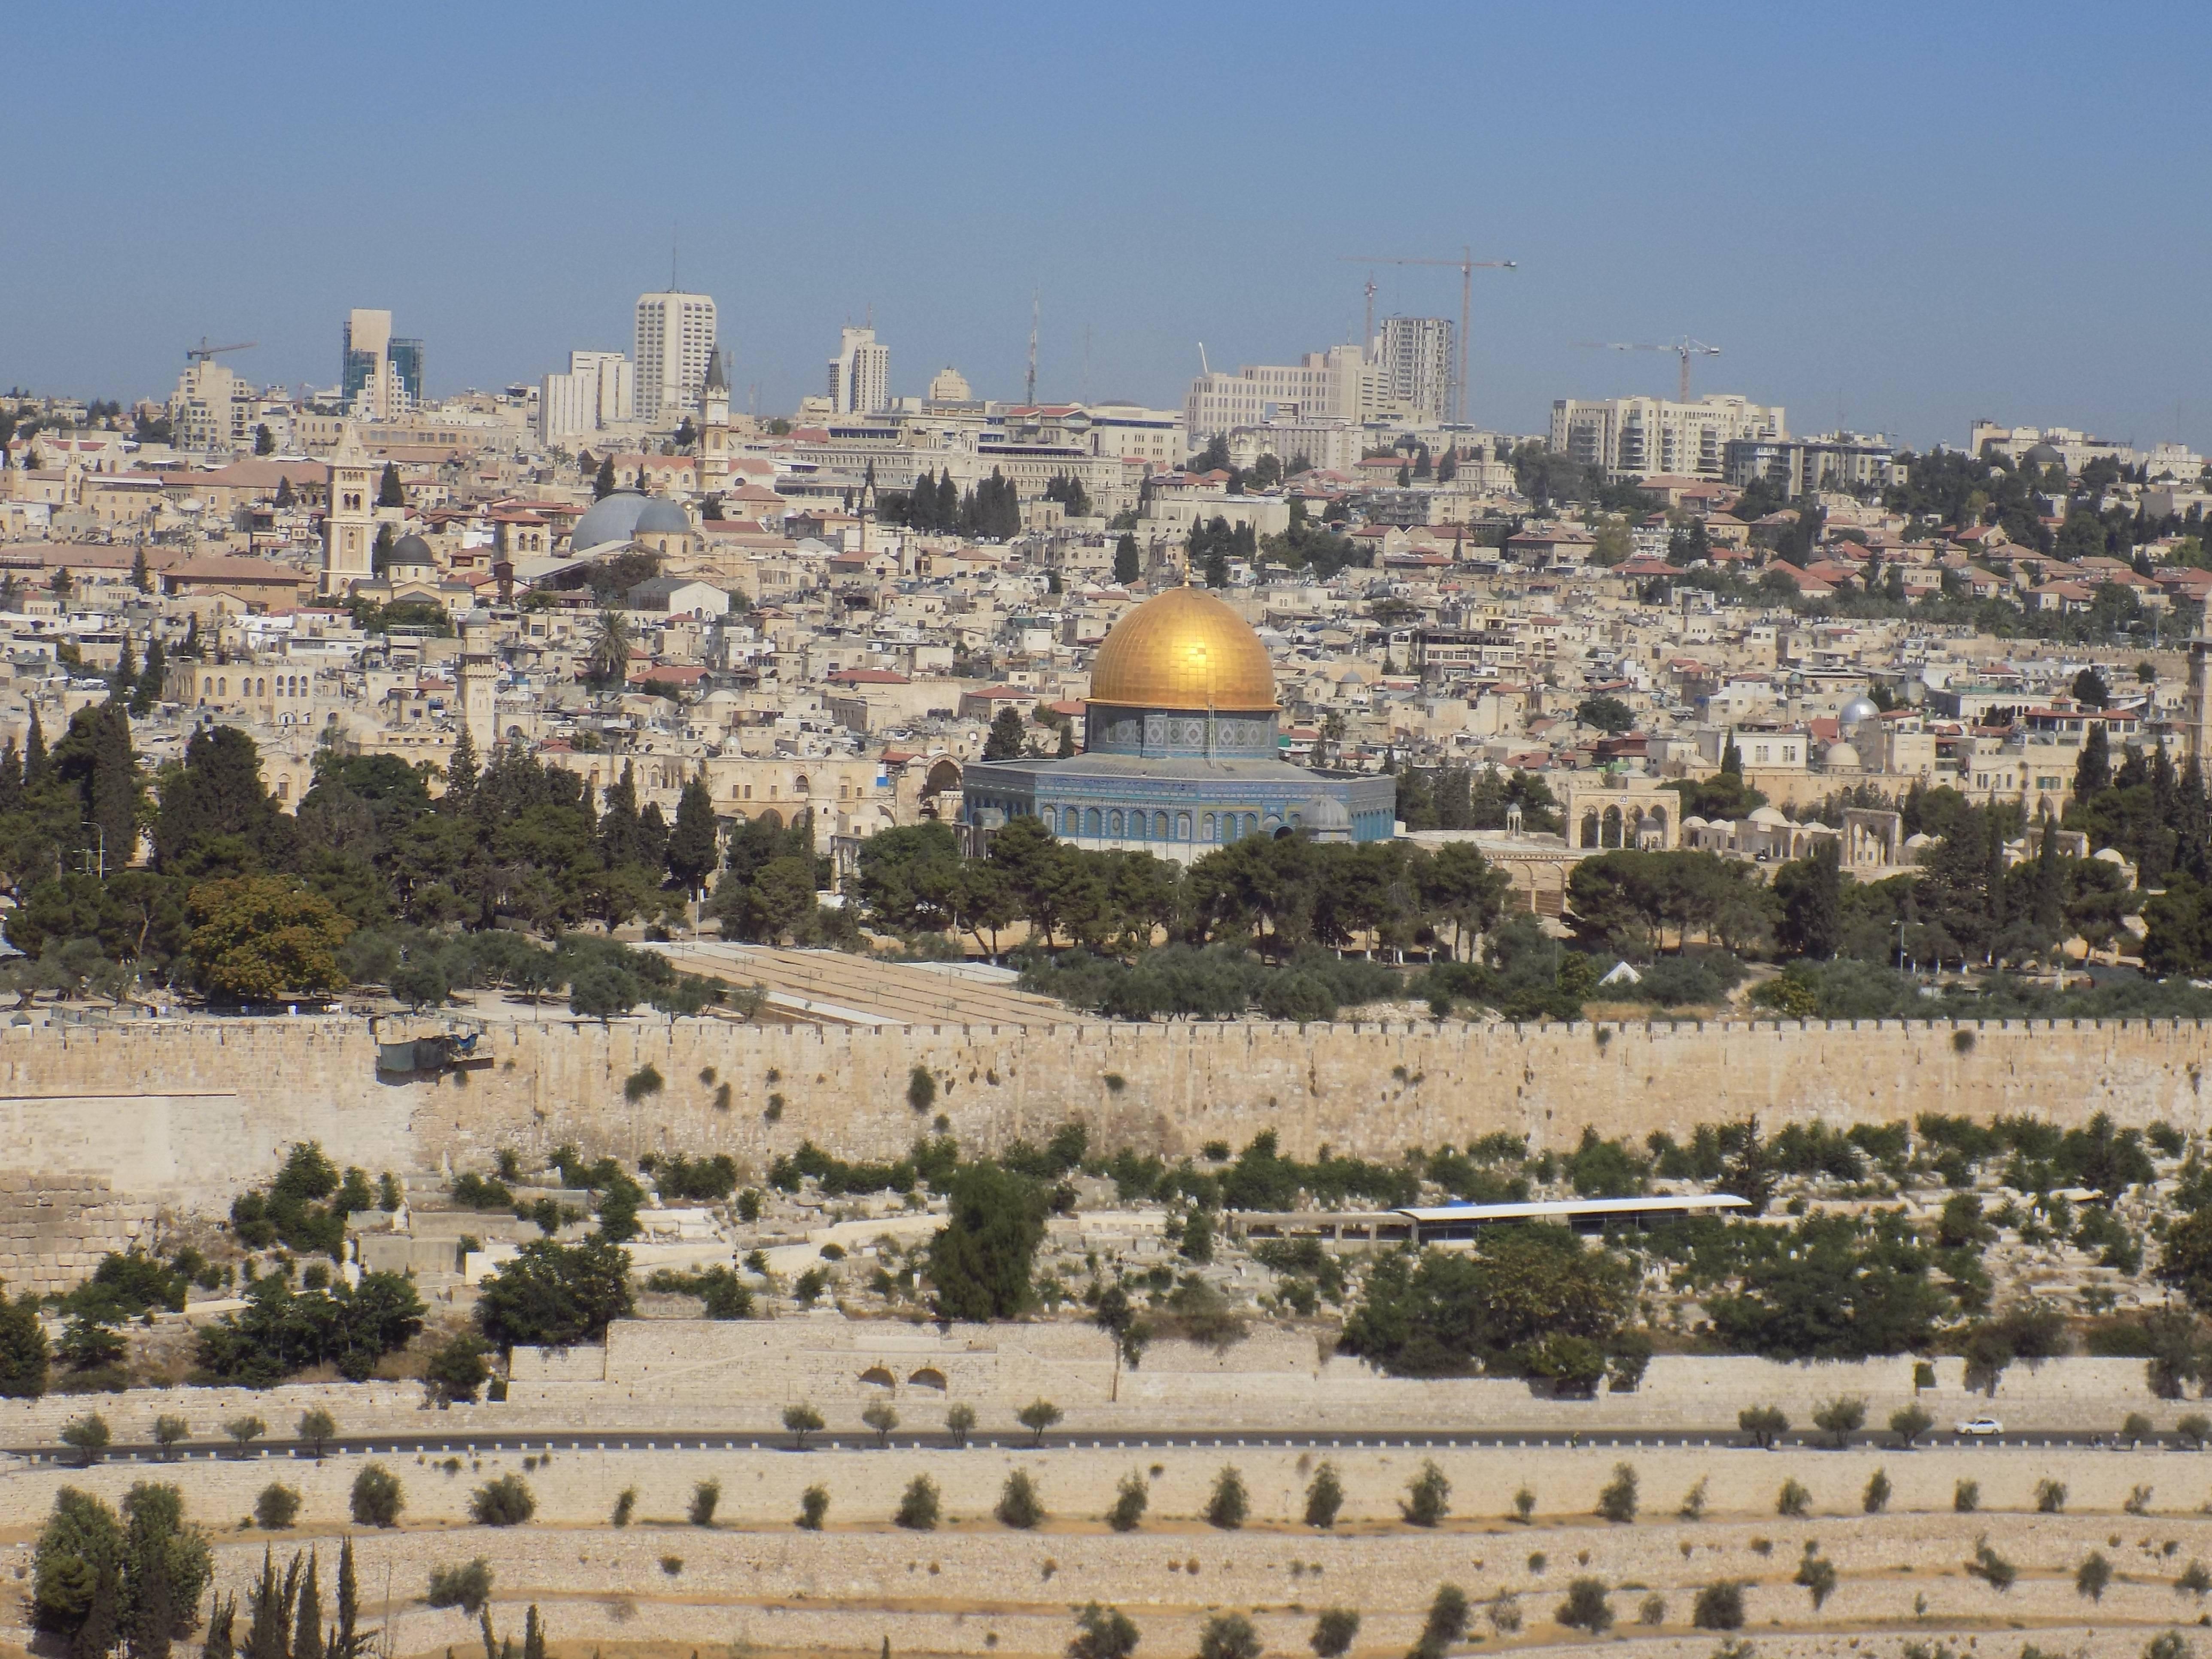 Entre la modernidad y la historia, vista panorámica de Jerusalén Foto: Miguel Velázquez